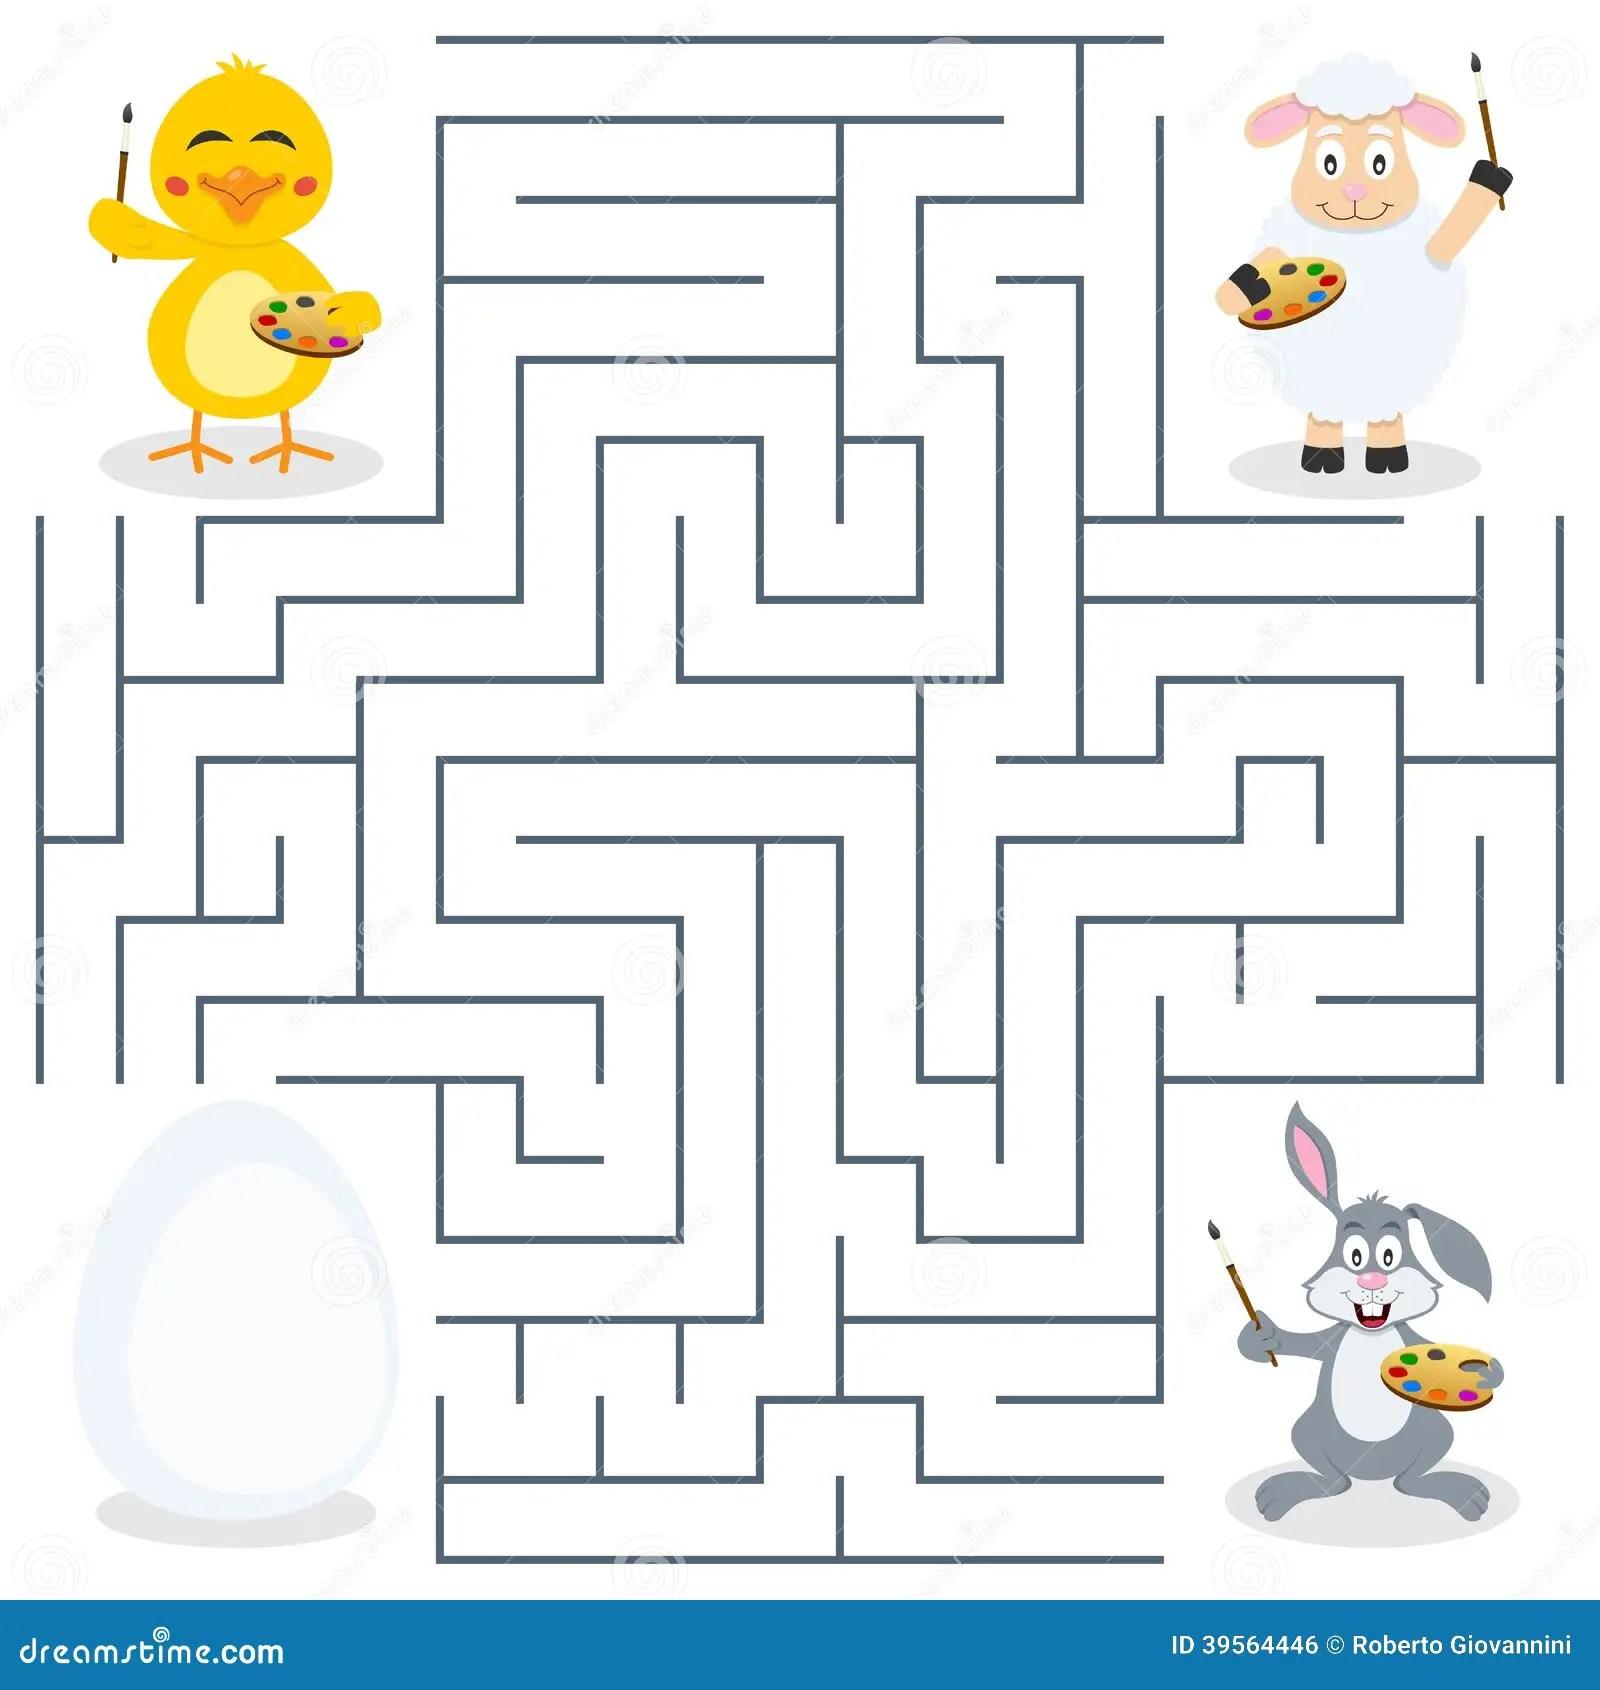 Labirinto Ilustracoes Vetores E Clipart De Stock 22 028 Stock Illustrations